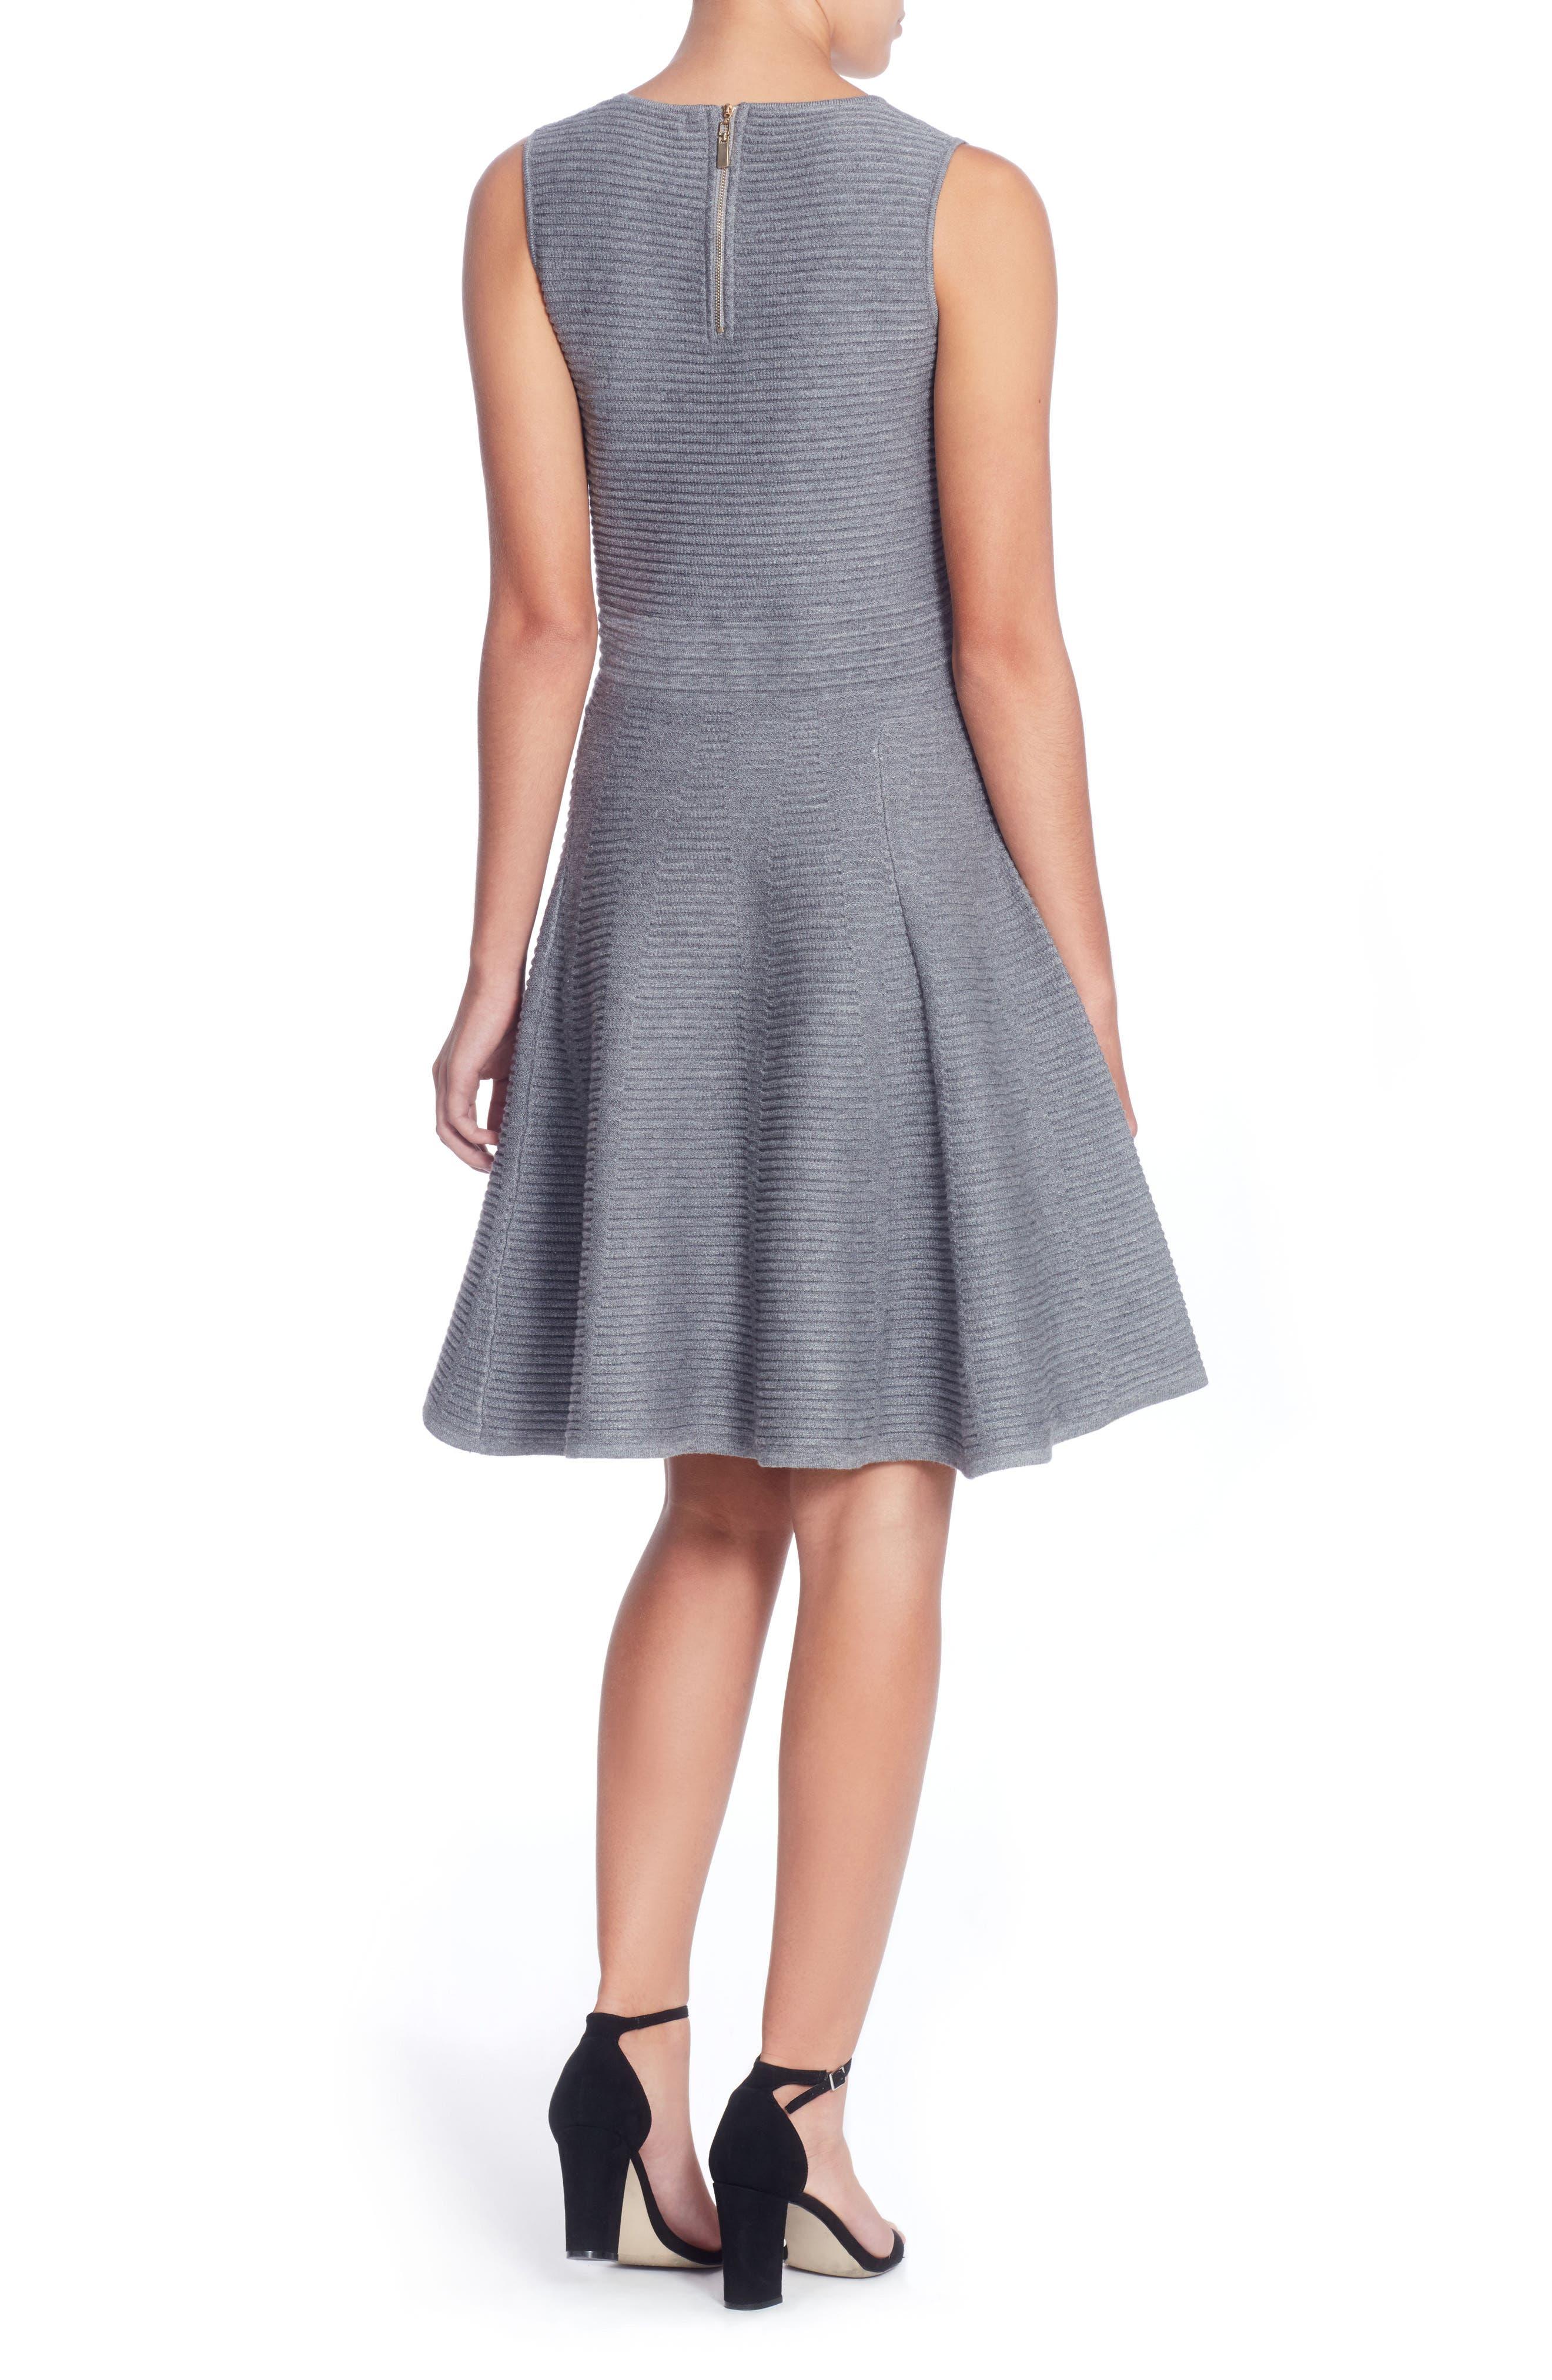 Trisha Fit & Flare Dress,                             Alternate thumbnail 2, color,                             020